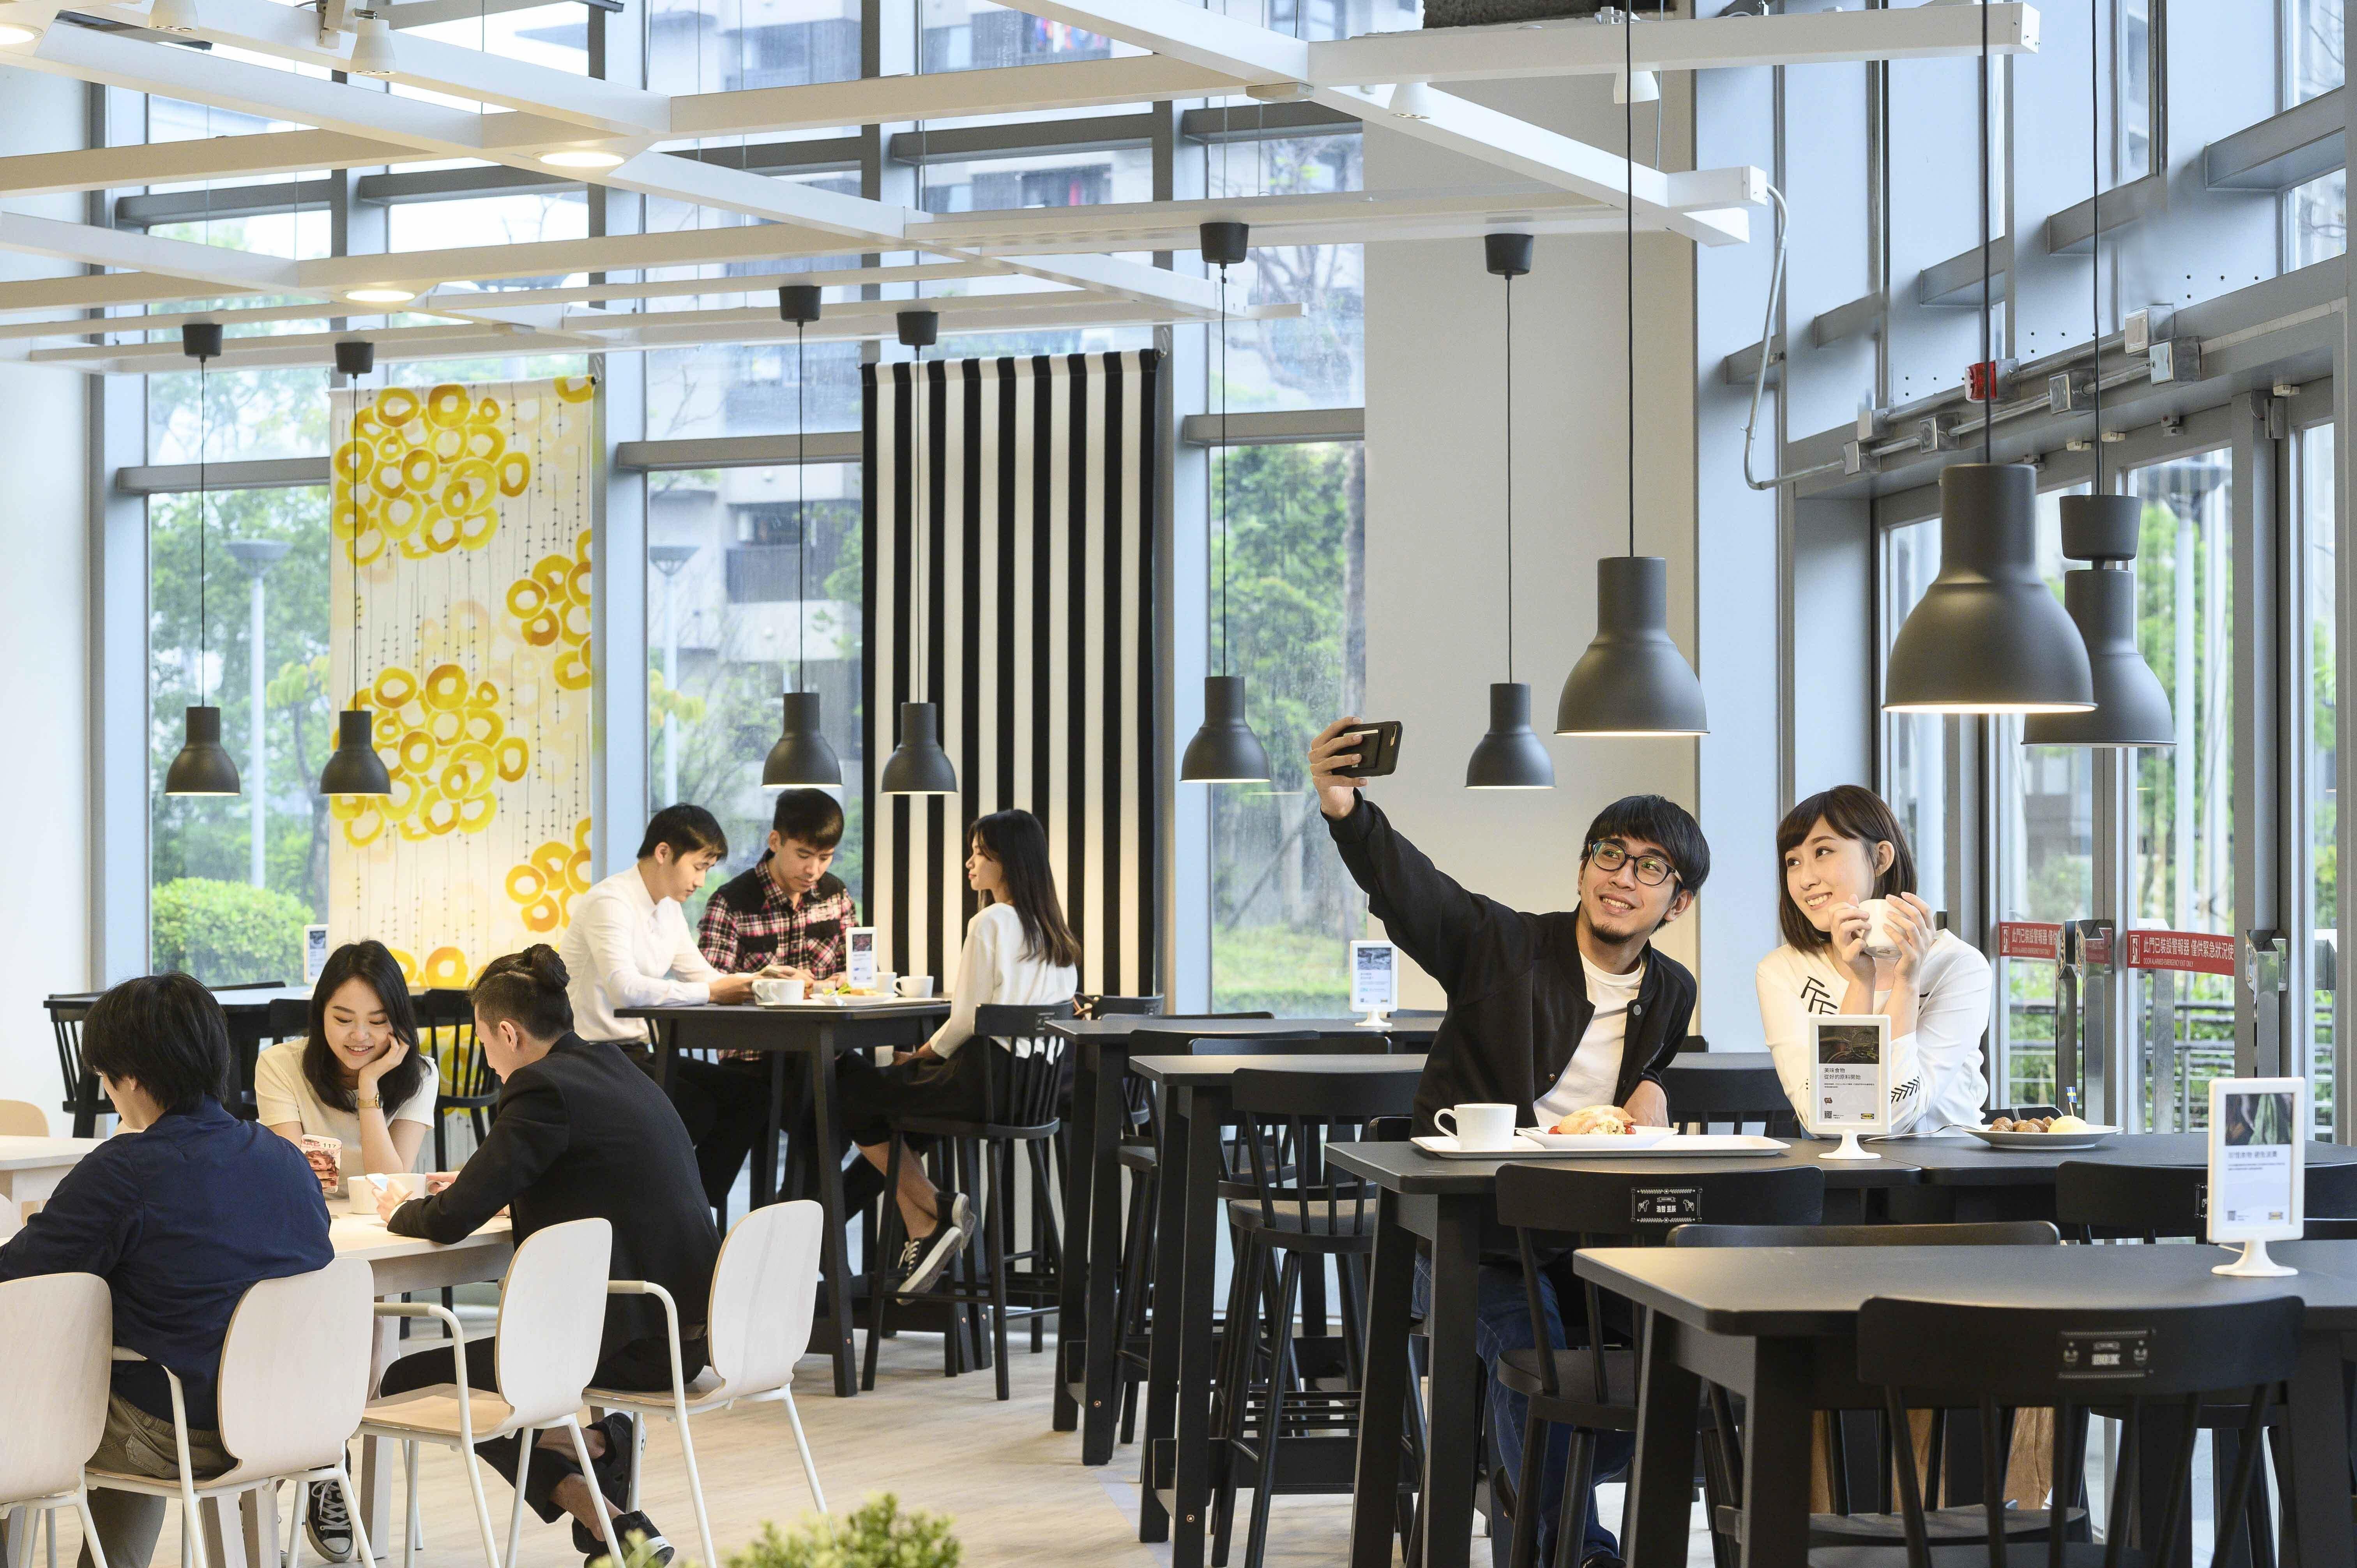 ▲明亮的用餐空間,感覺十分舒適。廠商提供